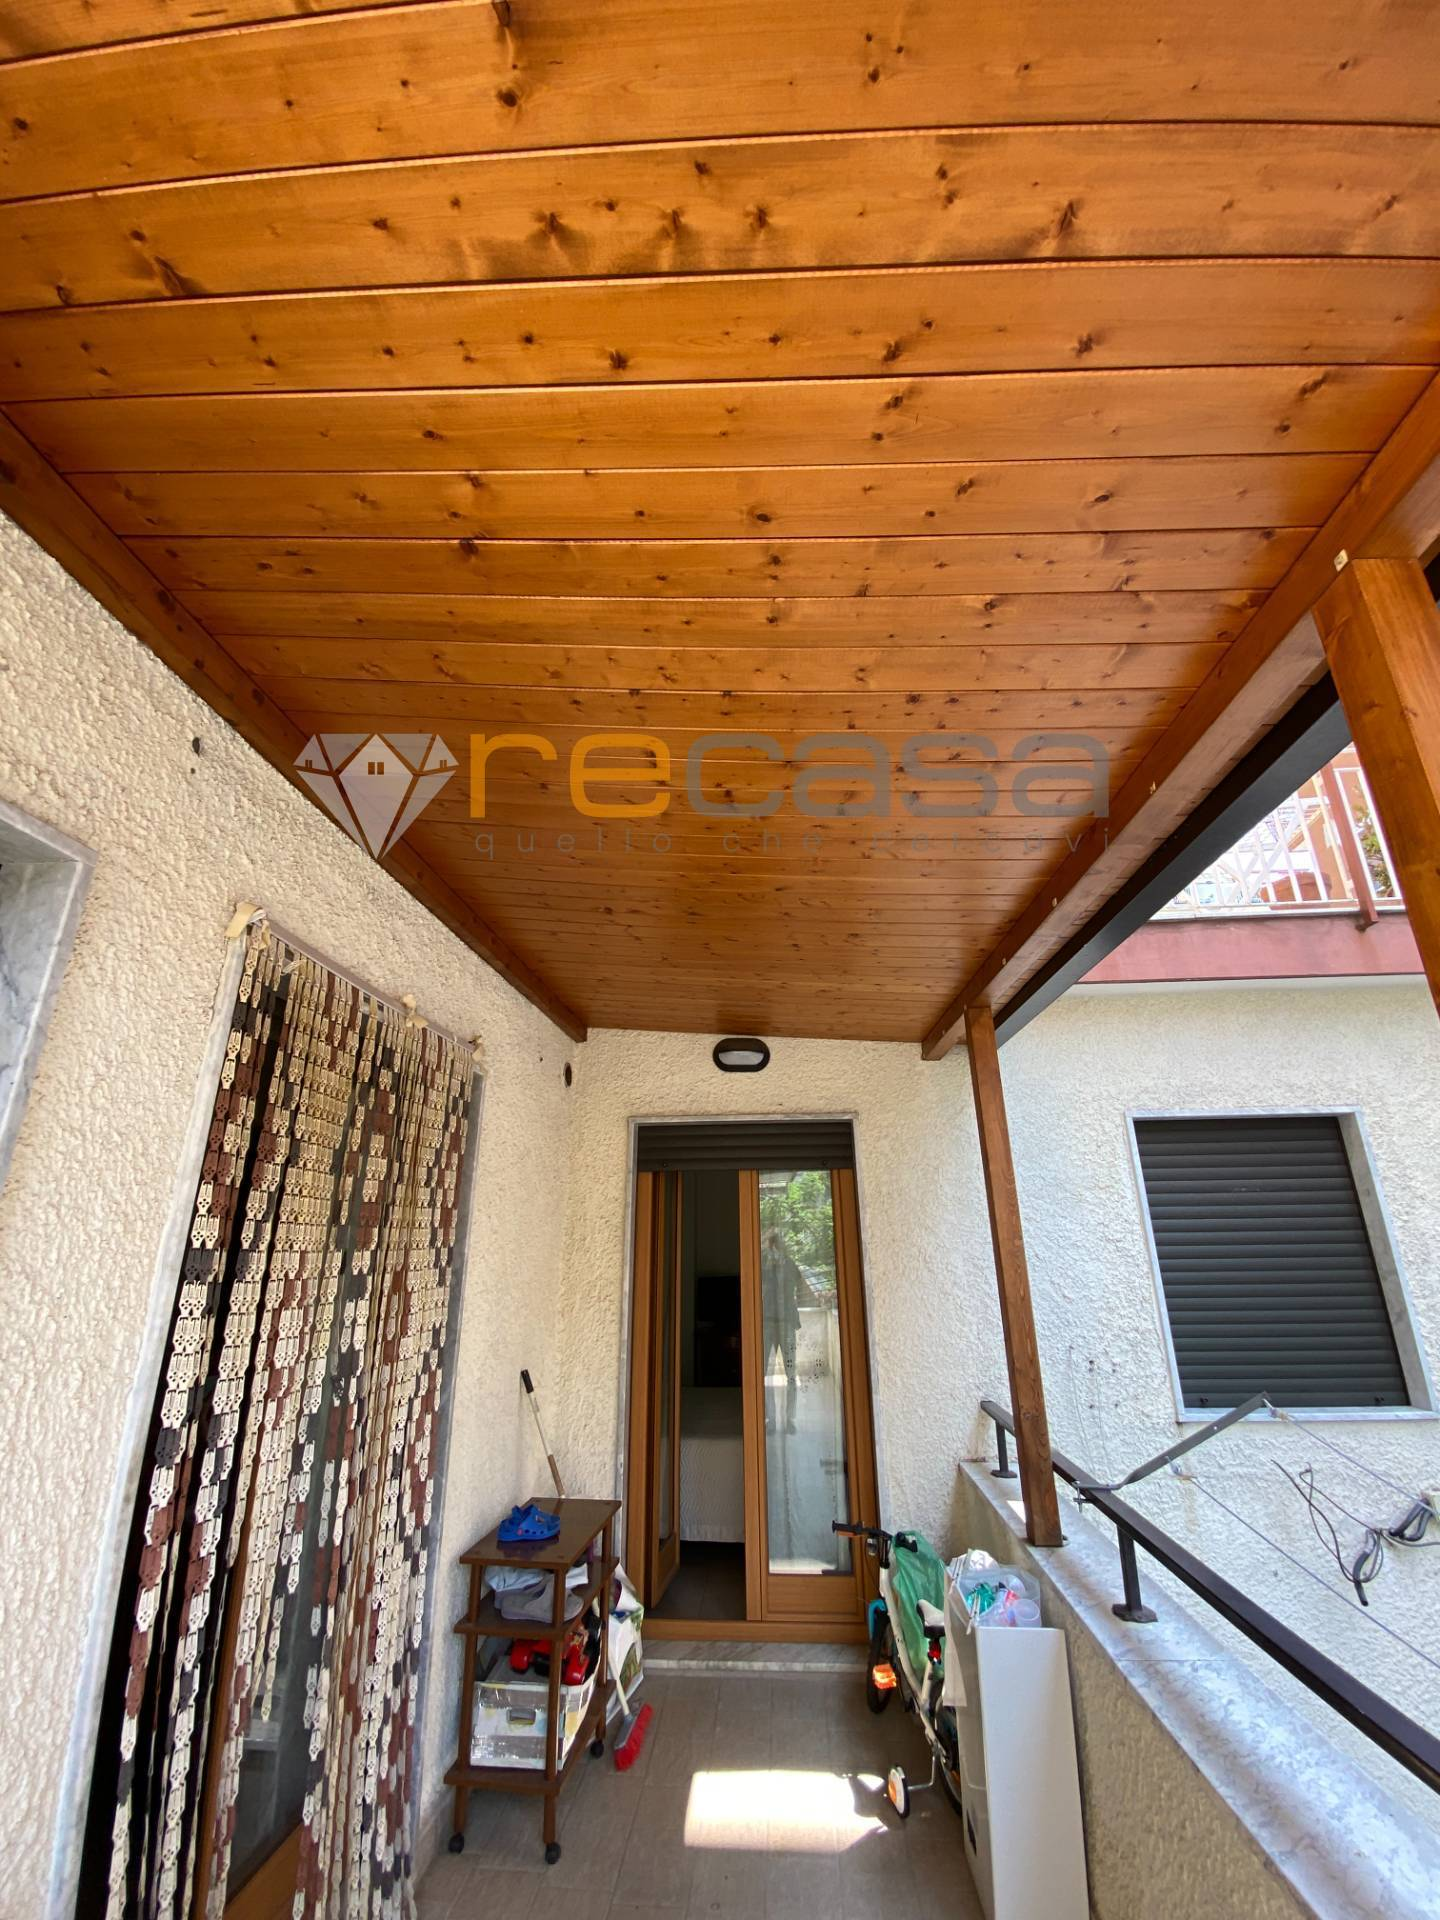 Appartamento in vendita a Pontecagnano Faiano, 2 locali, zona Zona: Pontecagnano, prezzo € 99.000 | CambioCasa.it